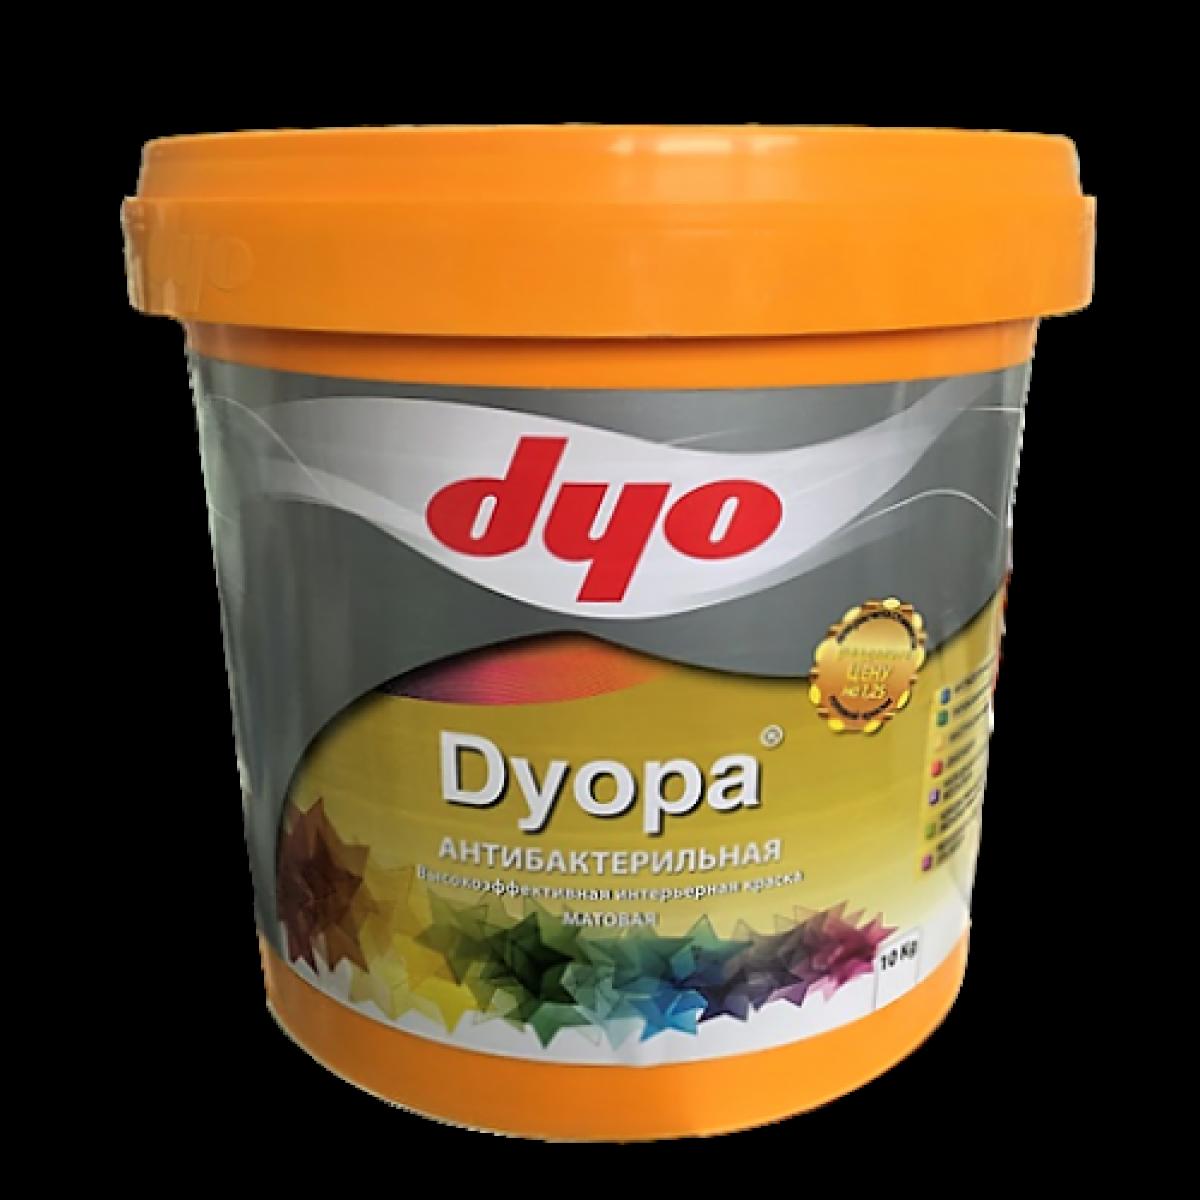 Dyopa - Интерьерная водоэмульсионная латексная краска